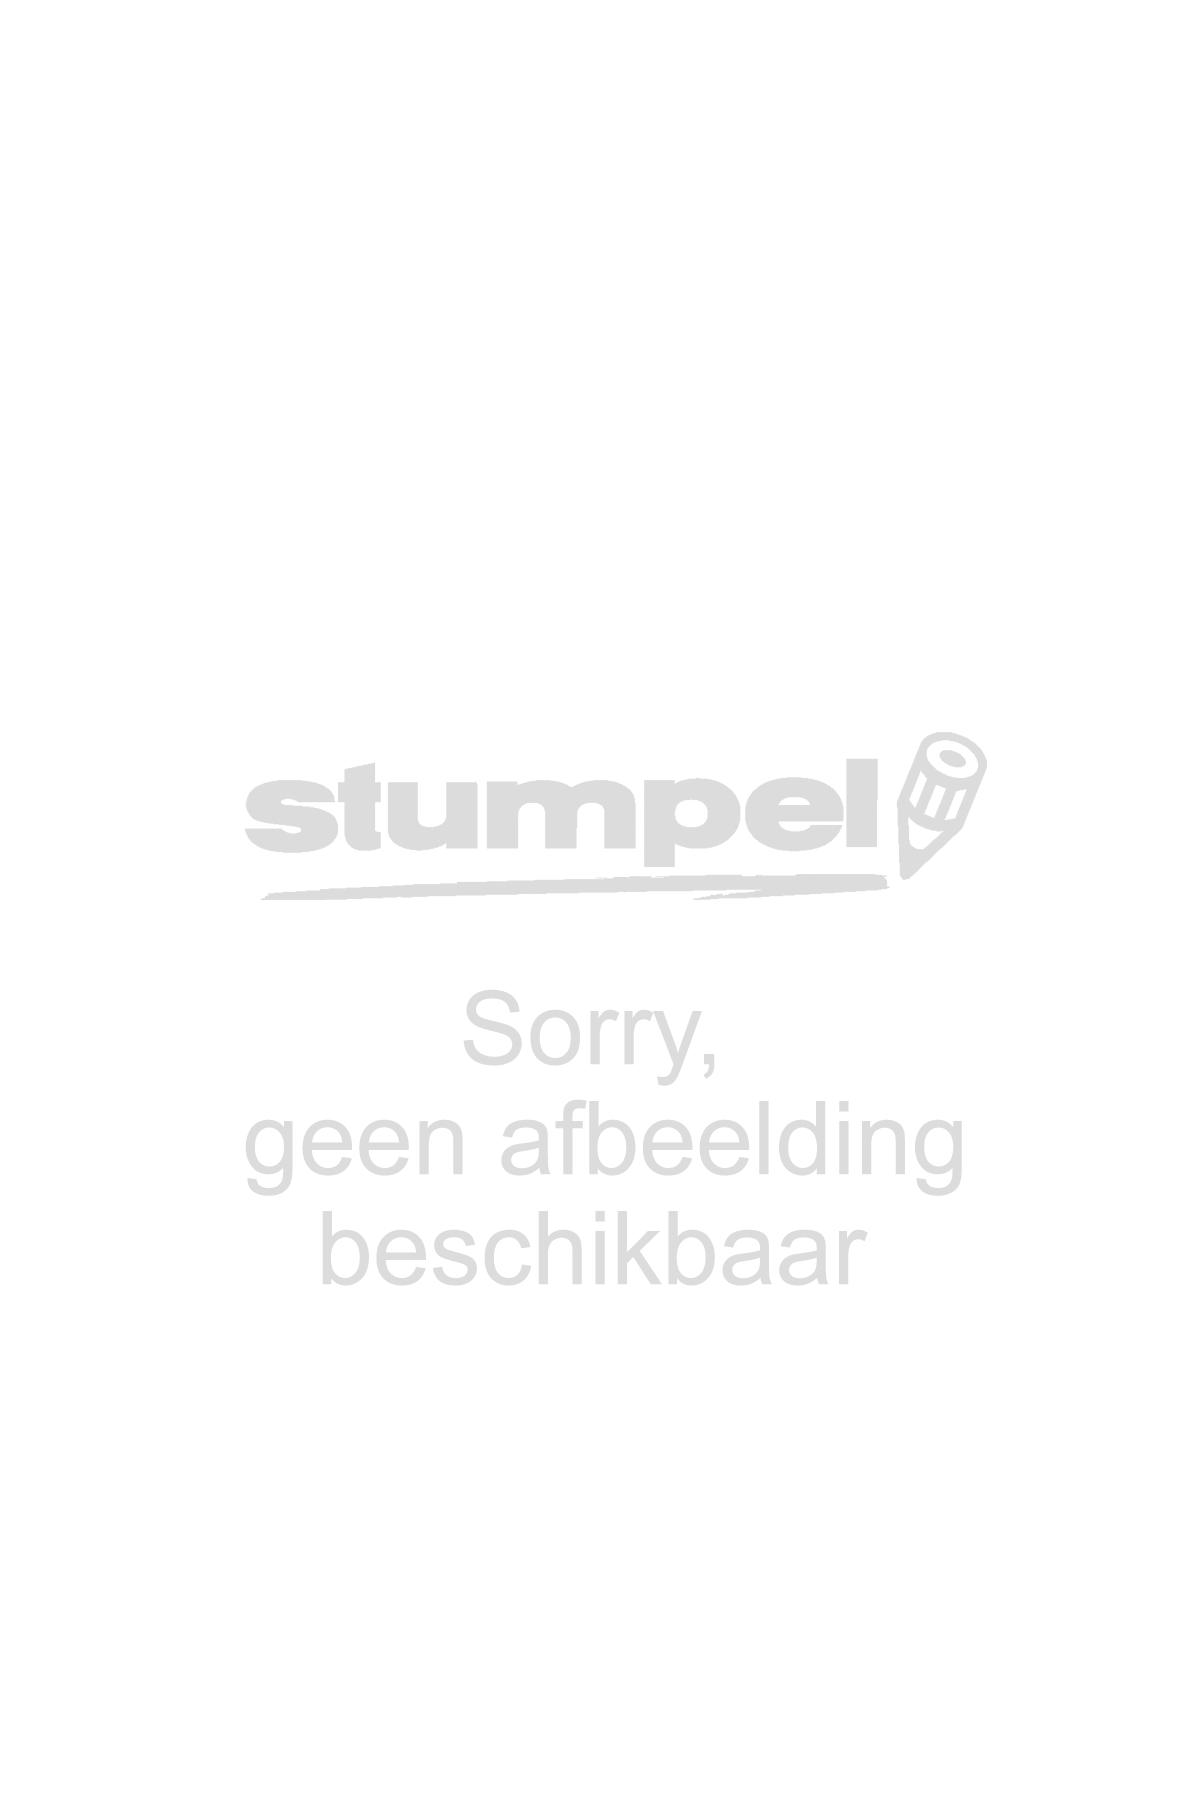 gel-balpen-quantore-grip-retractable-blauw-0-5mm-614173